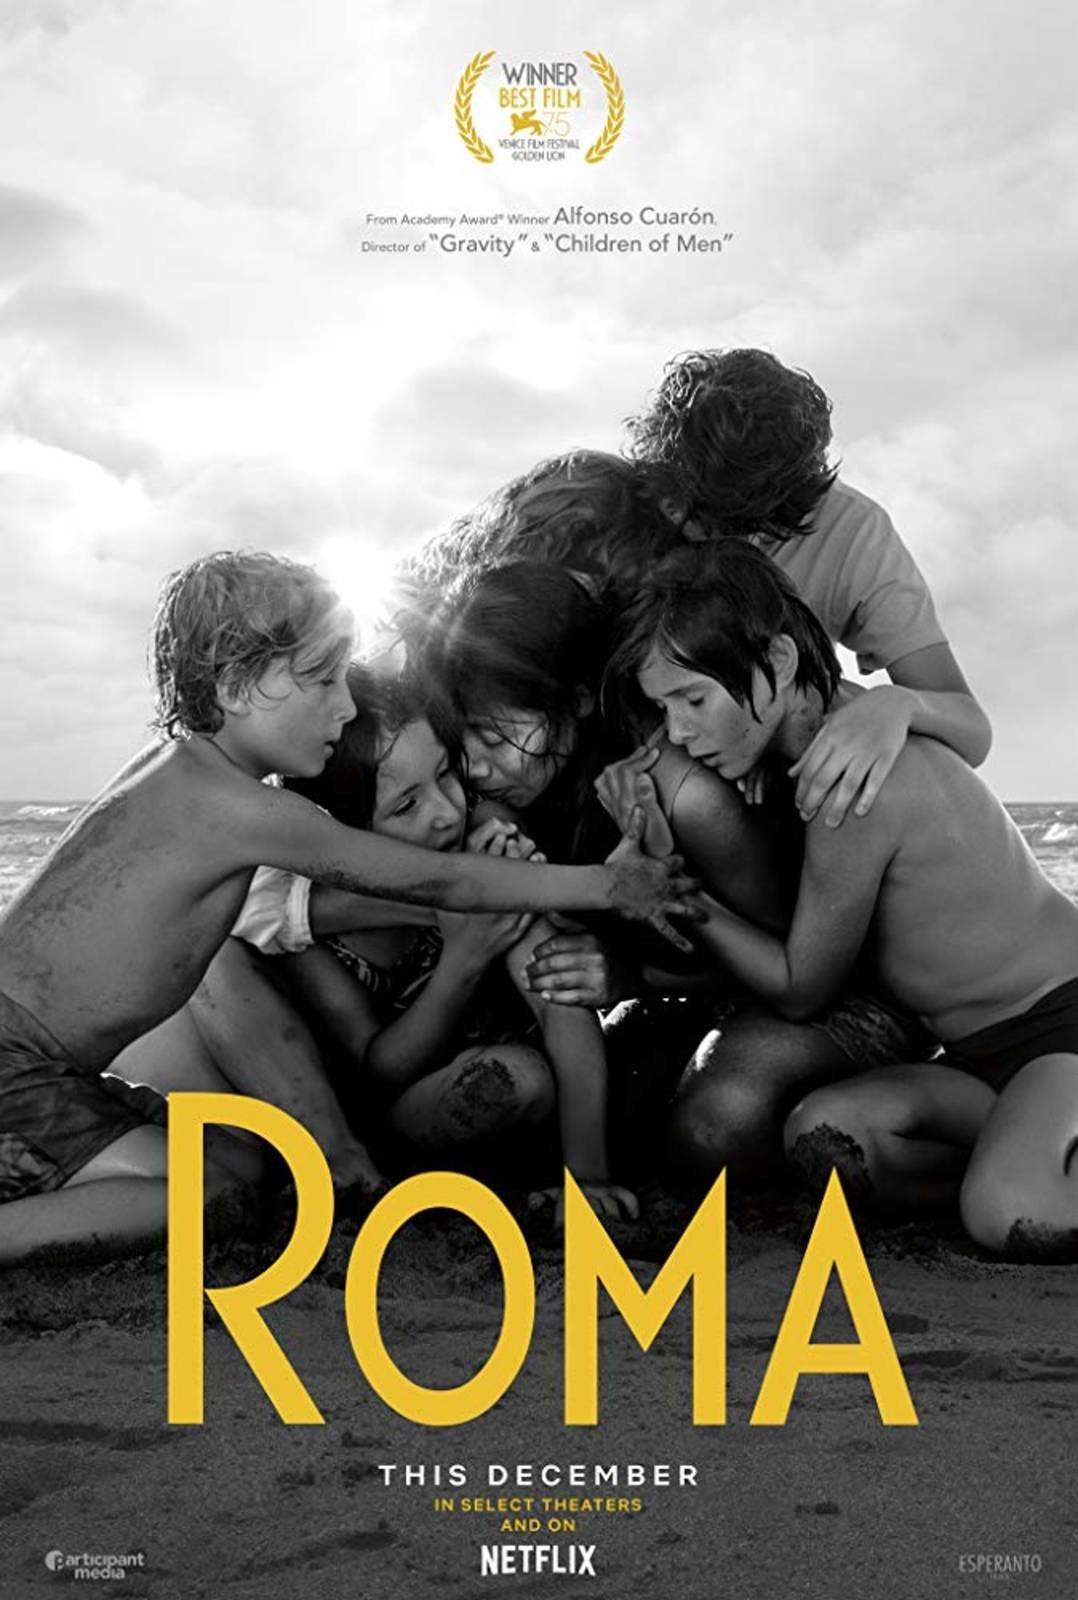 영화 '로마' 완주를 도와줄 5가지